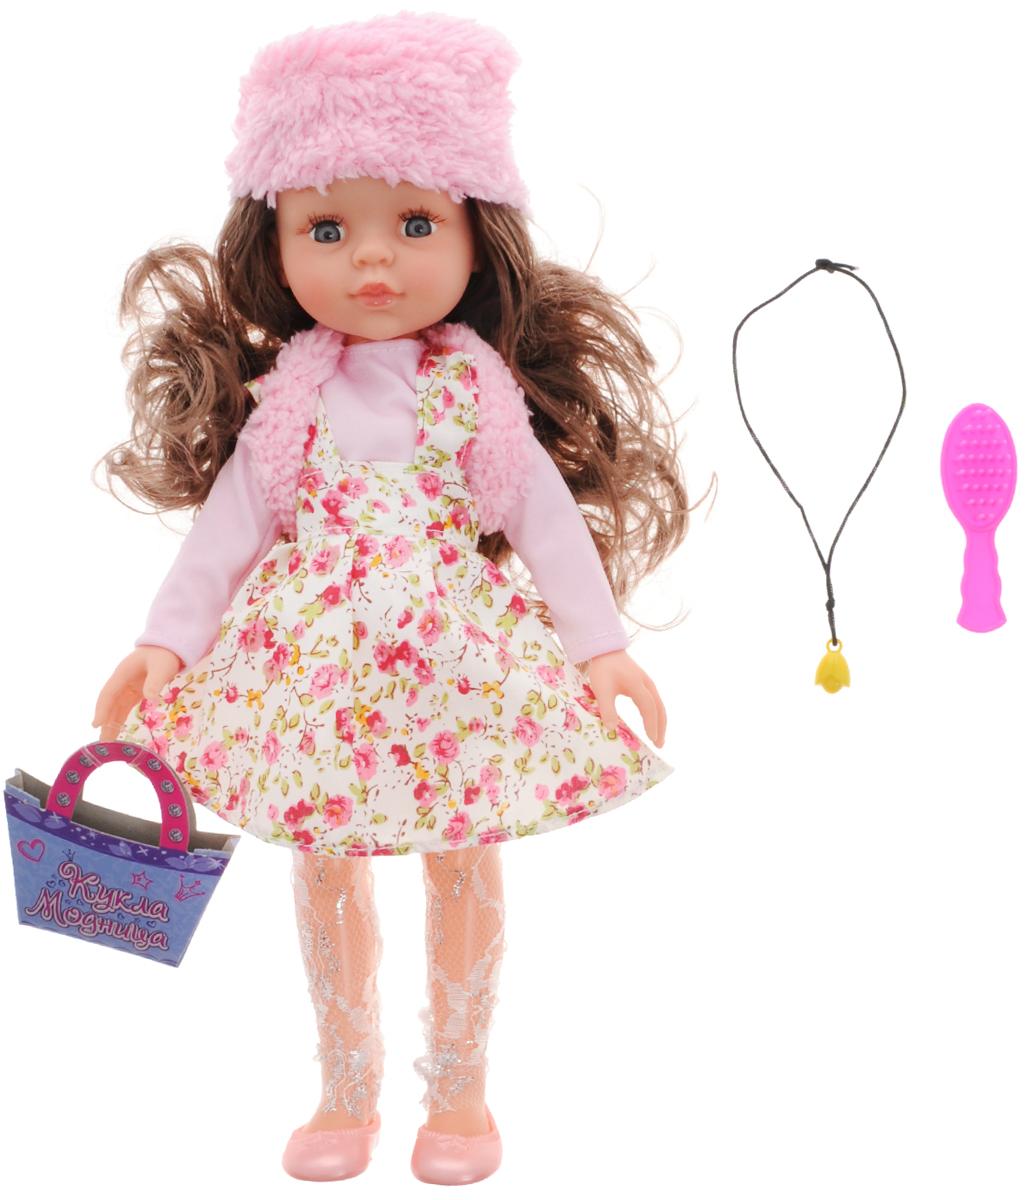 ABtoys Кукла Модница цвет платья розовый белыйPT-00371Очаровательная кукла ABtoys Модница станет лучшей подружкой вашей малышки. Куколка одета в розовую кофточку и белый сарафан, оформленный принтом в виде розовых цветов. На ногах куклы ажурные лосины и розовые туфельки. Модный образ дополняют меховая шапочка и жилетка. У куклы длинные темные волосы, которые можно расчесывать и заплетать из них различные прически. Вместе с куклой в набор входят расческа, картонная сумочка и ожерелье. Выразительный внешний вид и аккуратное исполнение куклы делает ее идеальным подарком для любой девочки. Порадуйте свою малышку таким великолепным подарком!